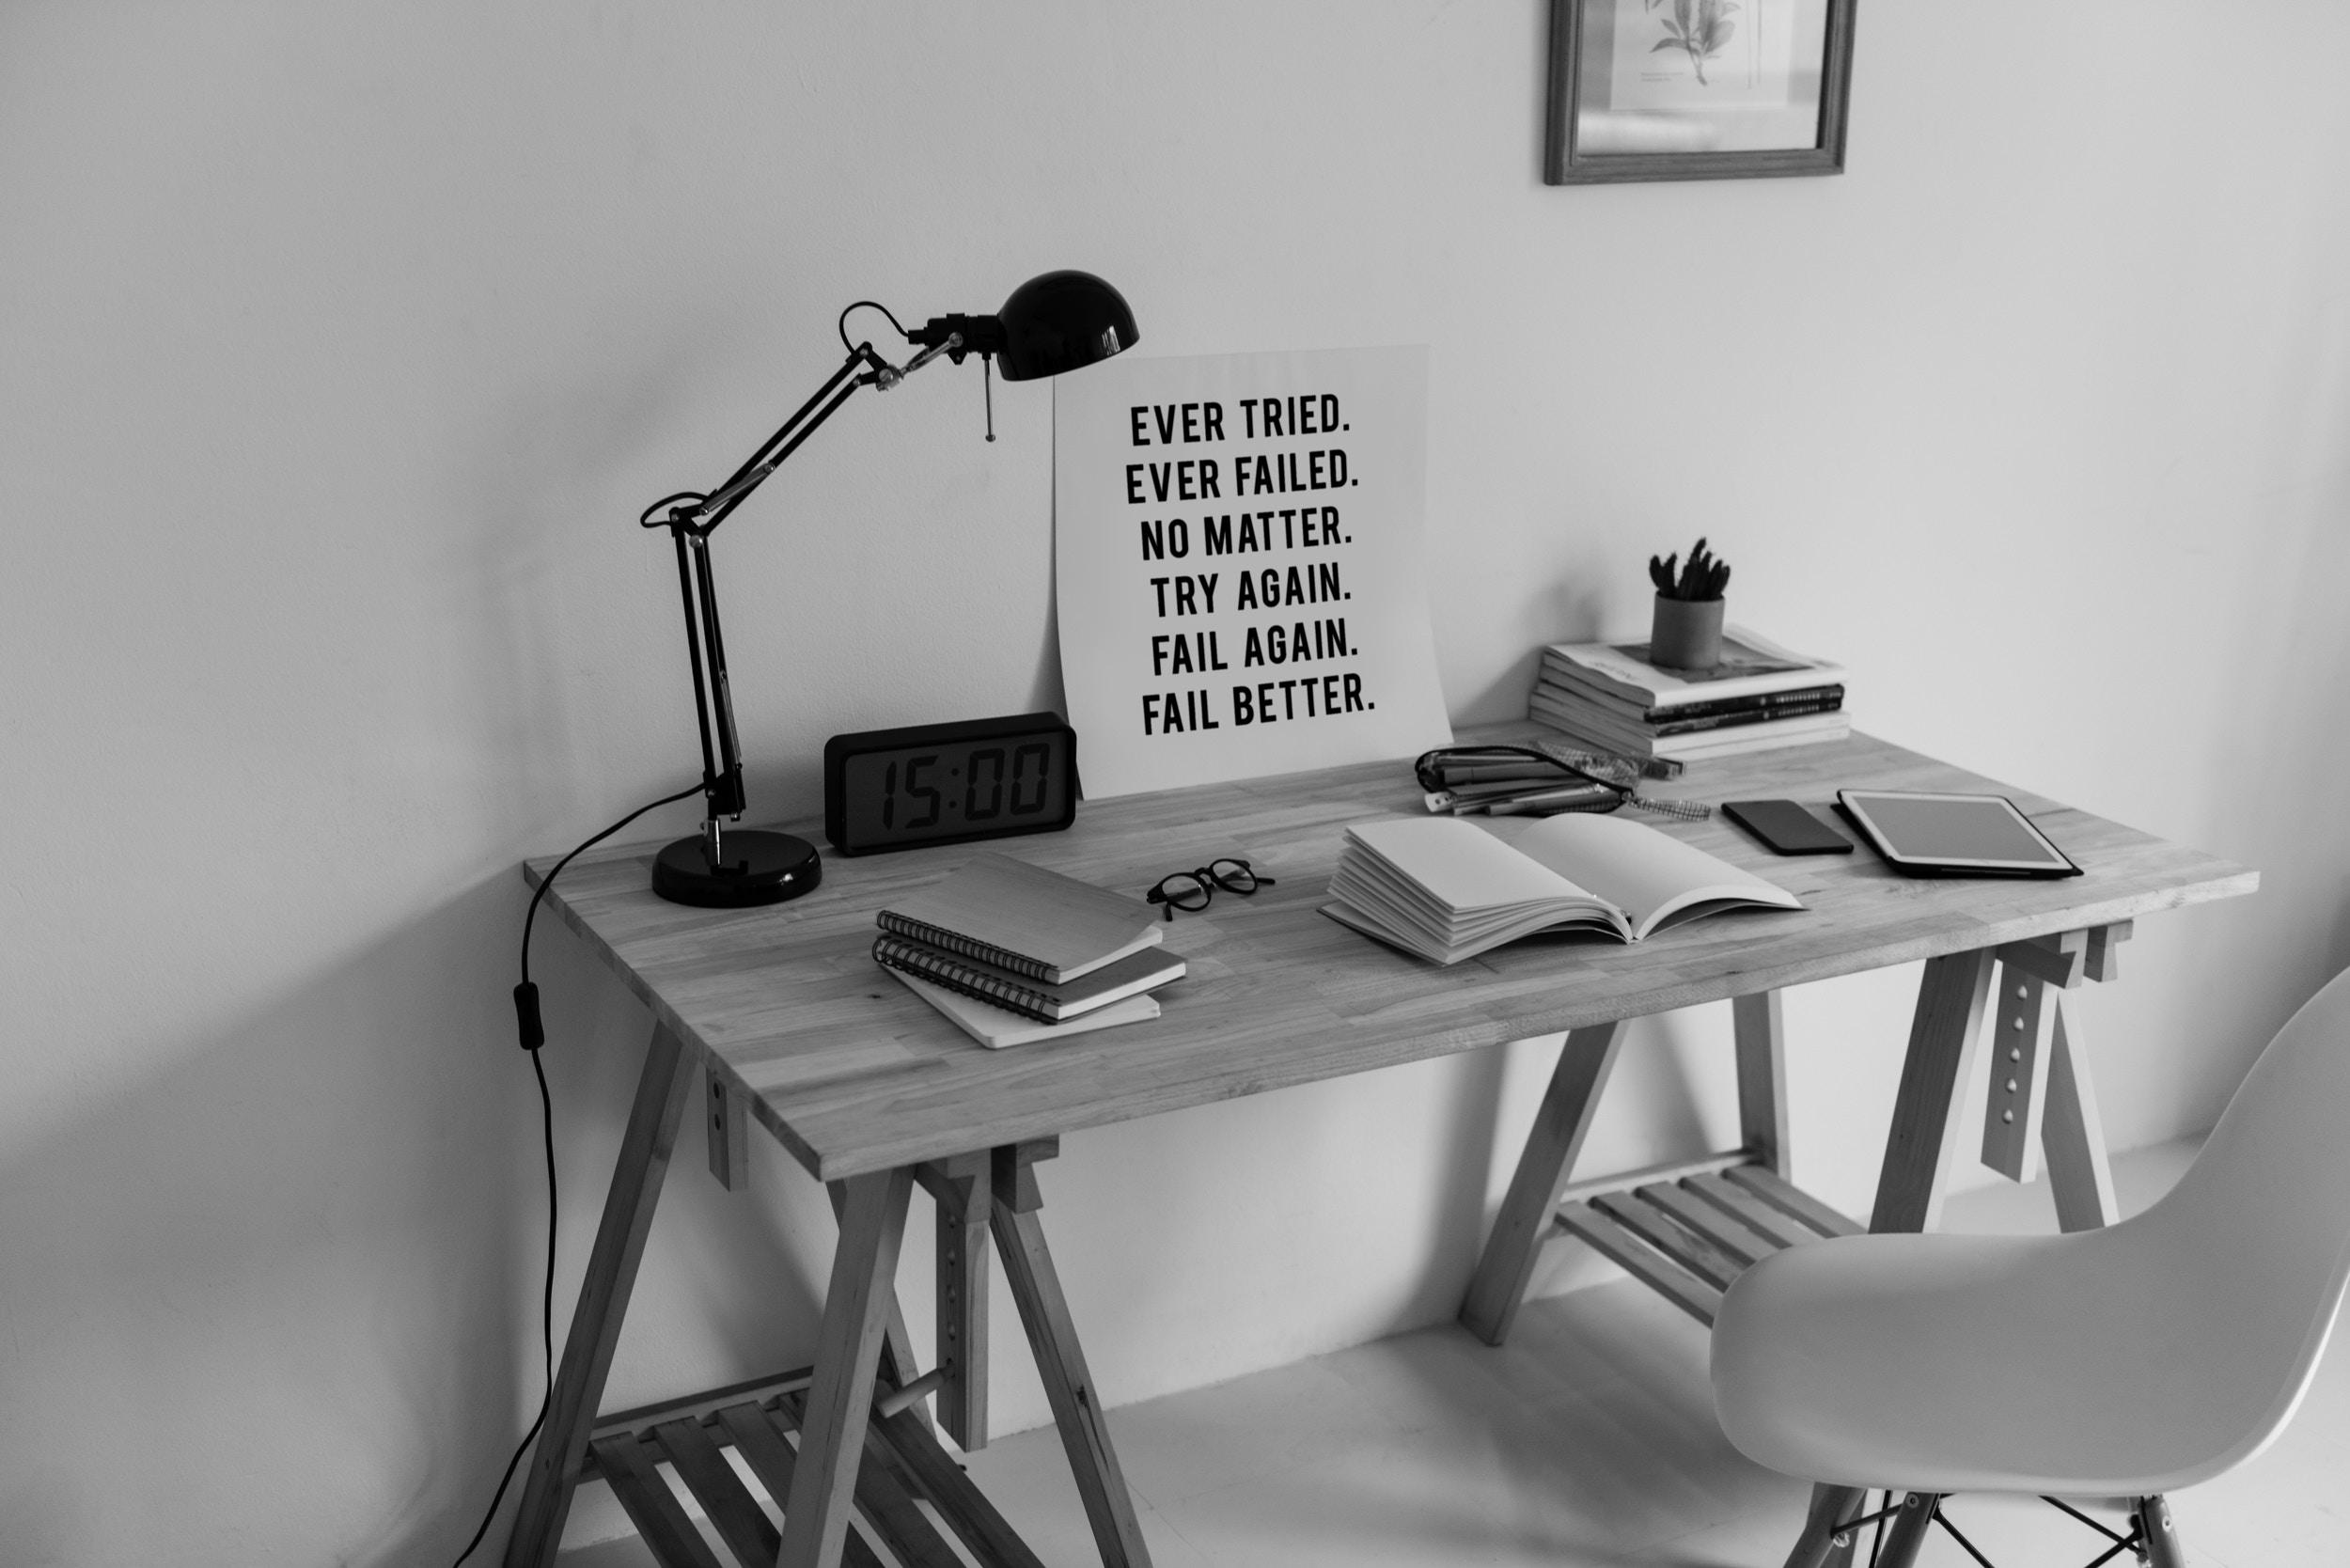 desk with work supplies